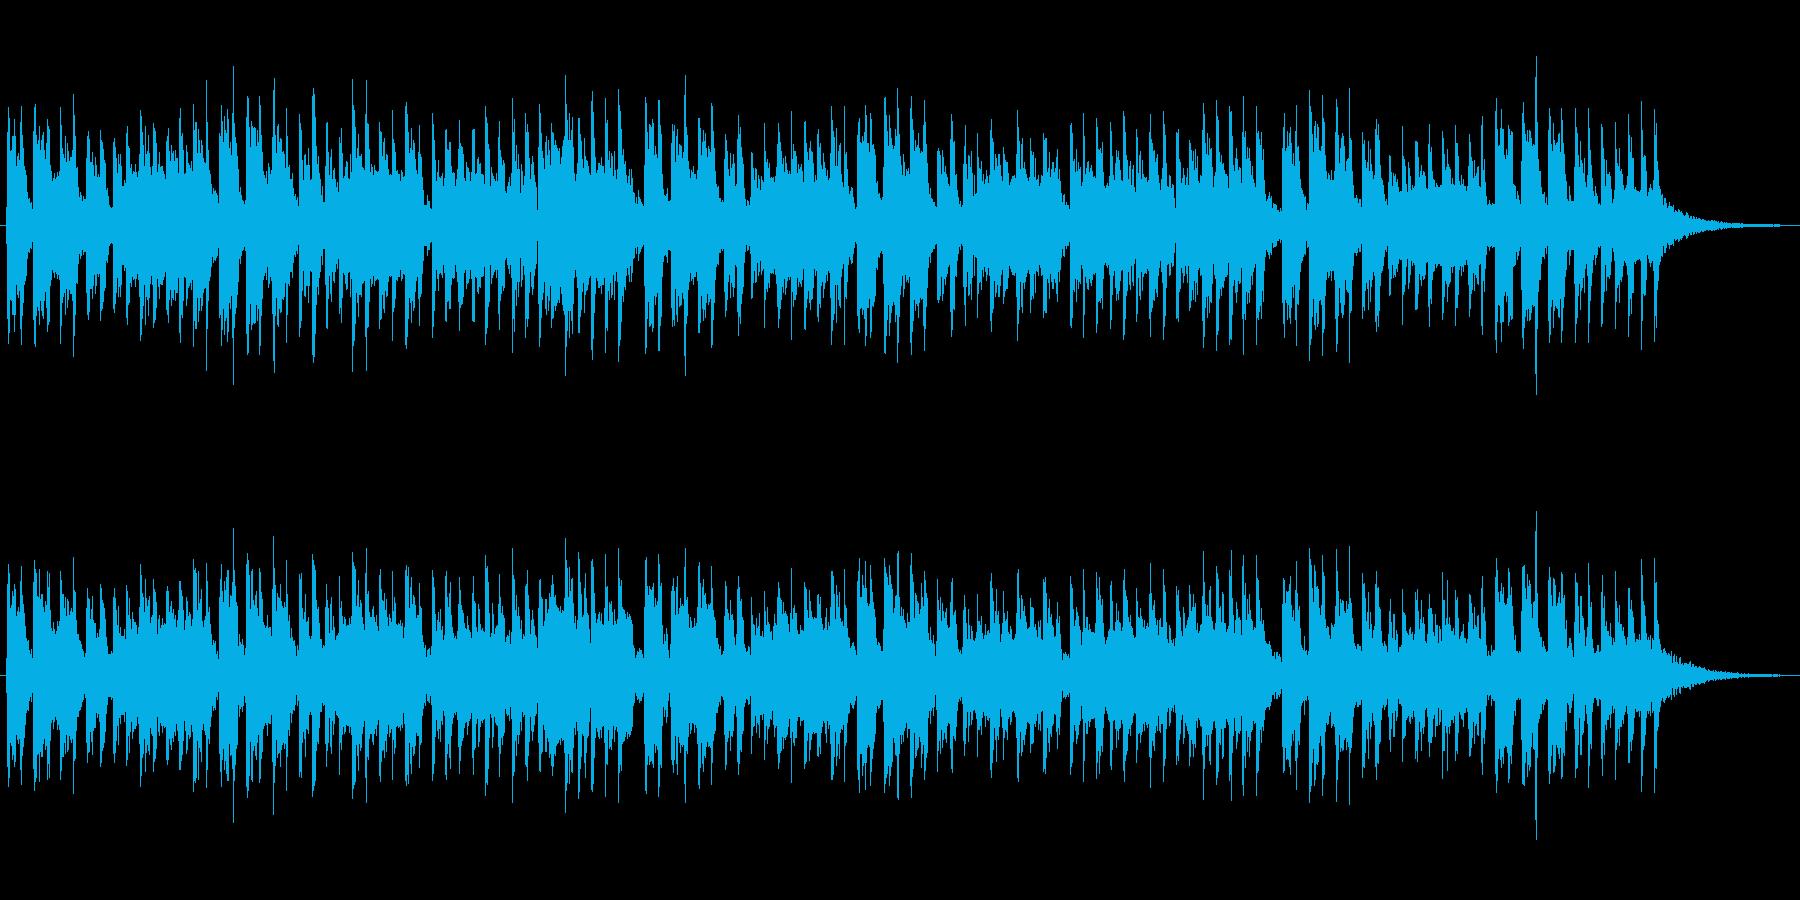 ピチカートとオーボエの悲しげなジングルの再生済みの波形